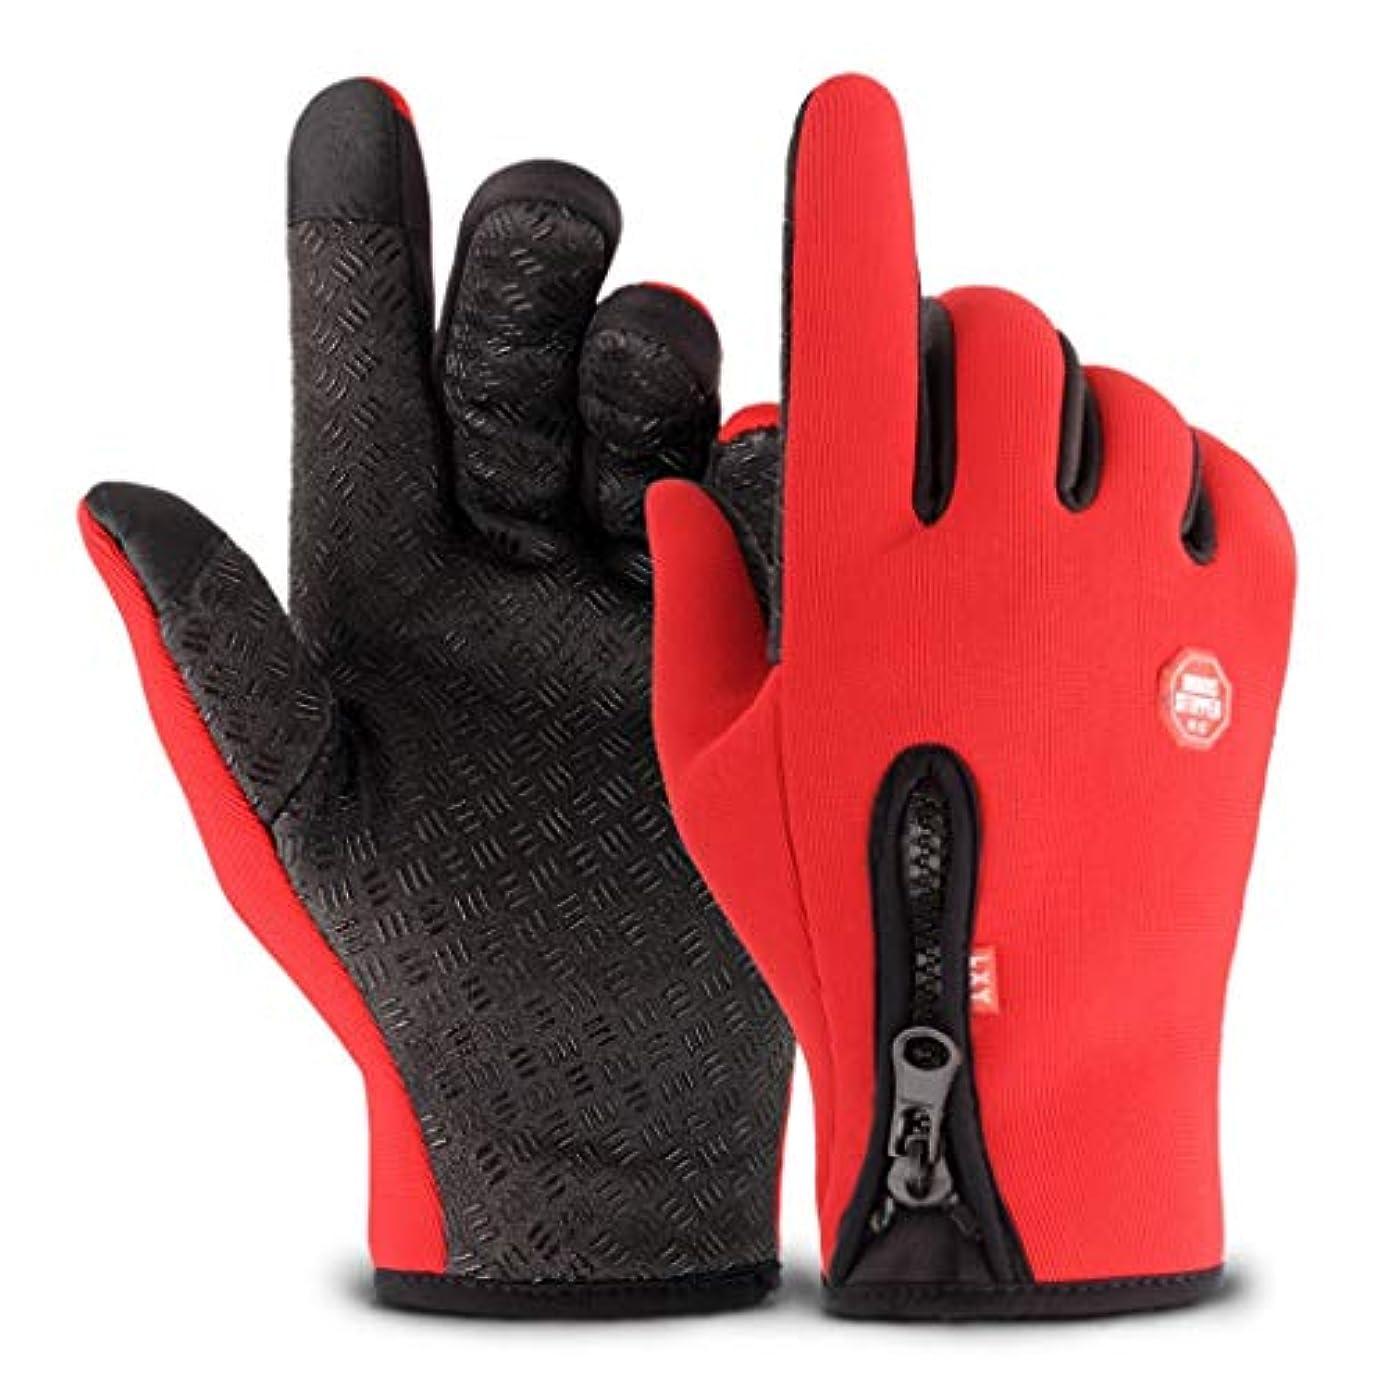 グロー荒れ地獣手袋の男性の秋と冬の自転車電動バイクの女性のタッチスクリーンは、すべてwindproofノンスリップ暖かいと冷たいプラスベルベット弾性手袋ワンサイズ赤